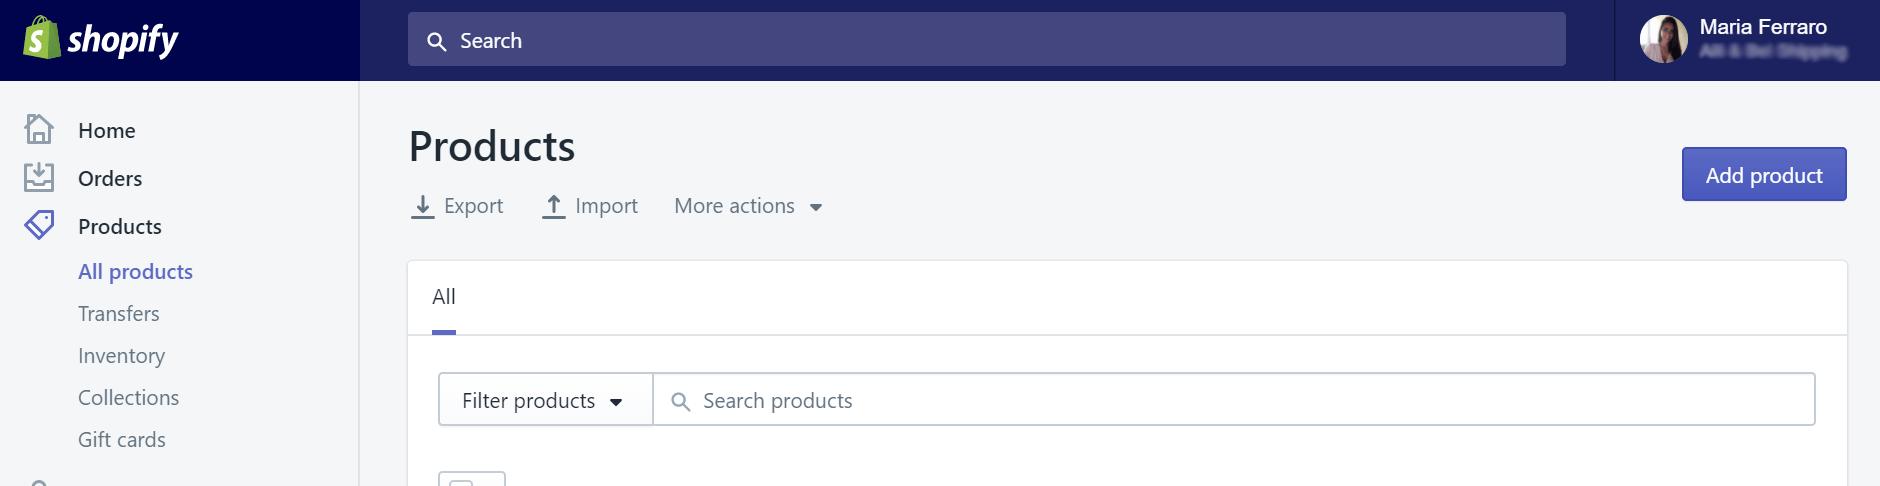 Crear mi propia tienda online o ecommerce en una hora Crear productos